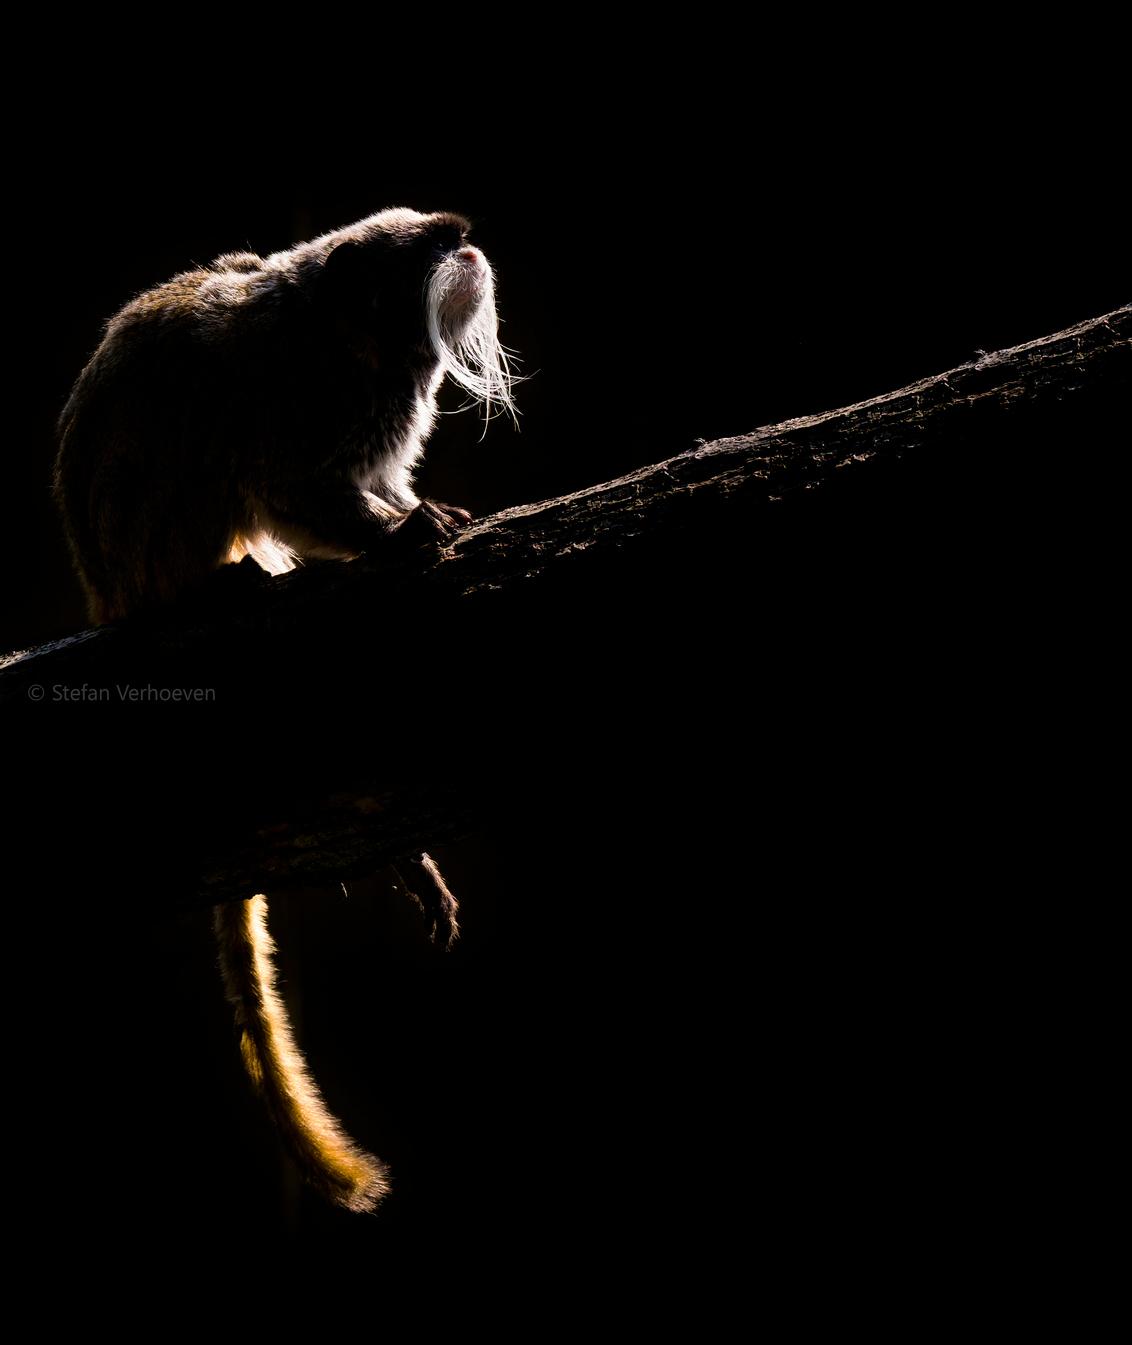 sv DSCF0604a - Keizertamarin silhouette - foto door stefanverhoevenphotography op 11-07-2018